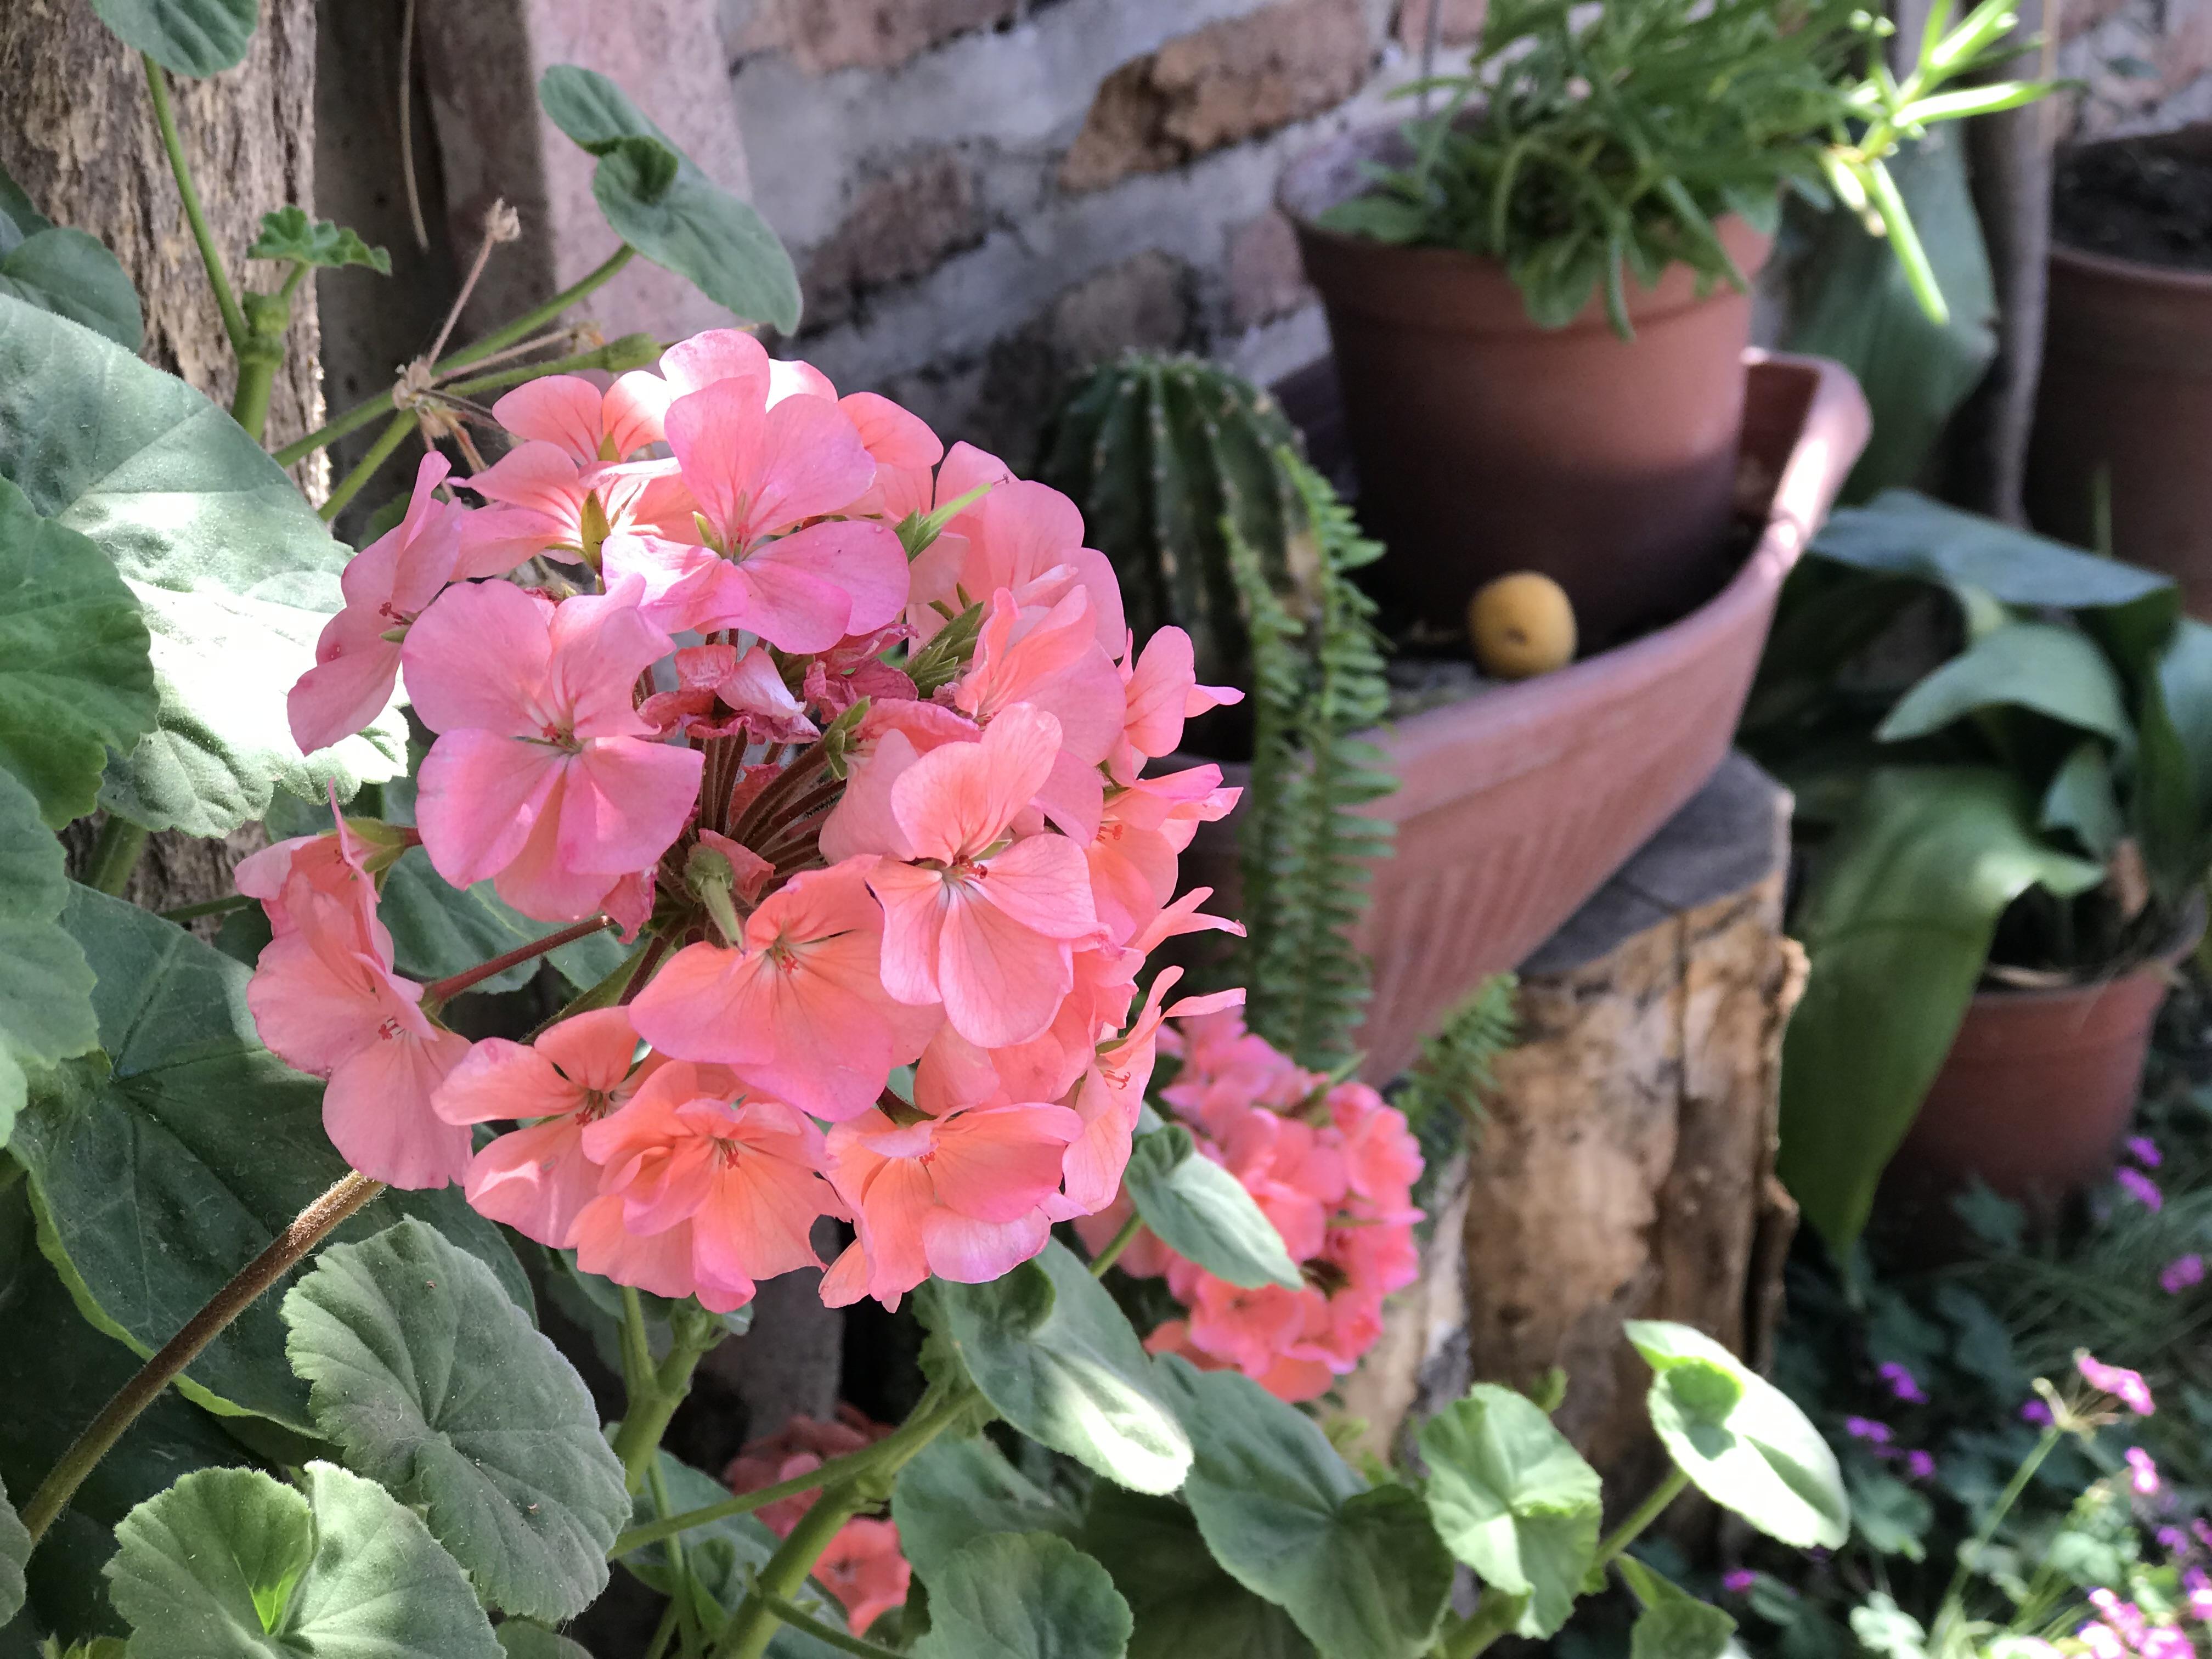 Detalle de macetas de cardenales, helechos y cactus ubicados a las afueras de la sede.